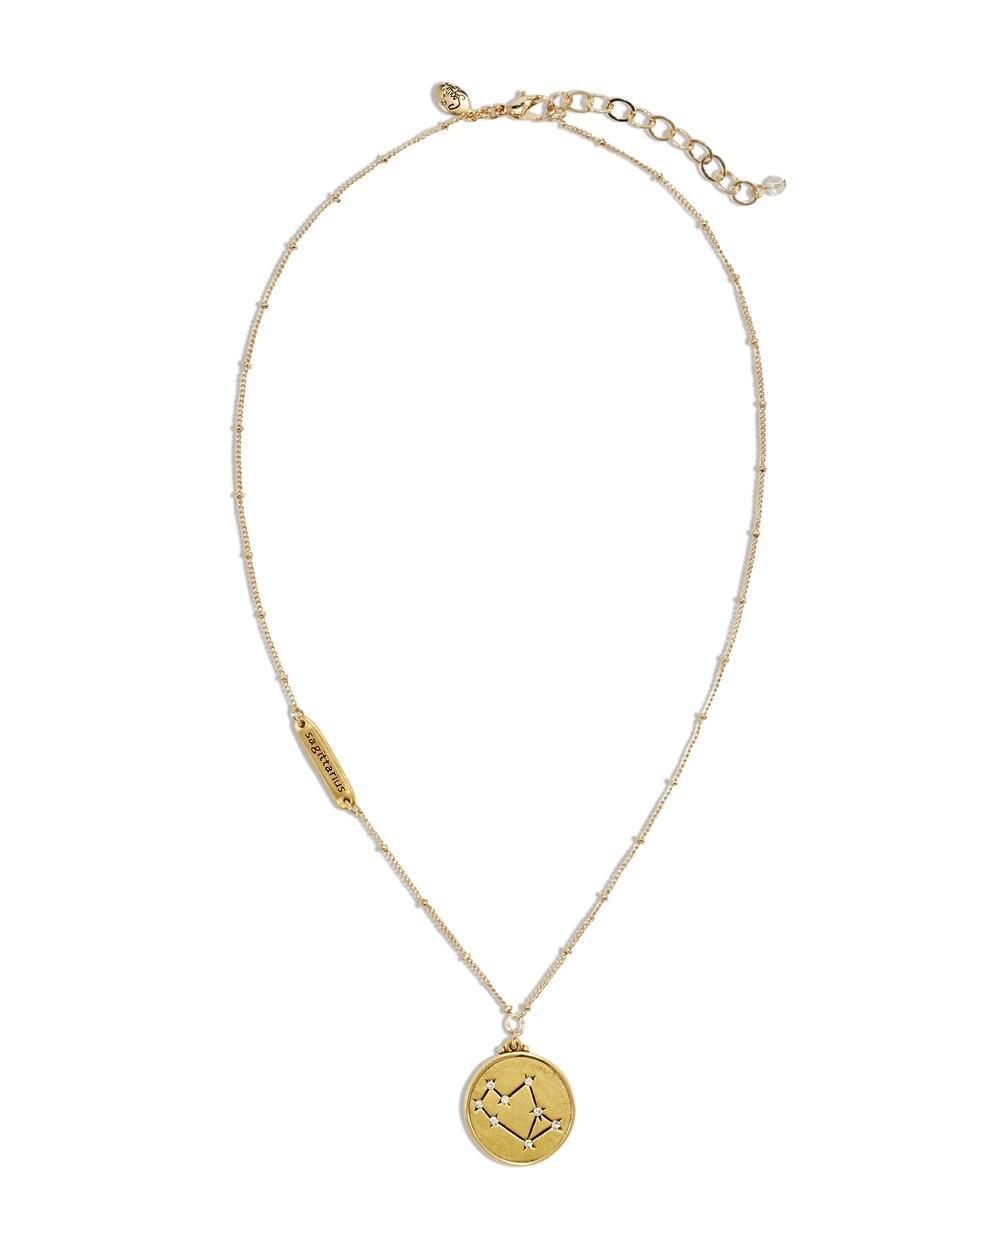 sagittarius zodiac pendant necklace chicos